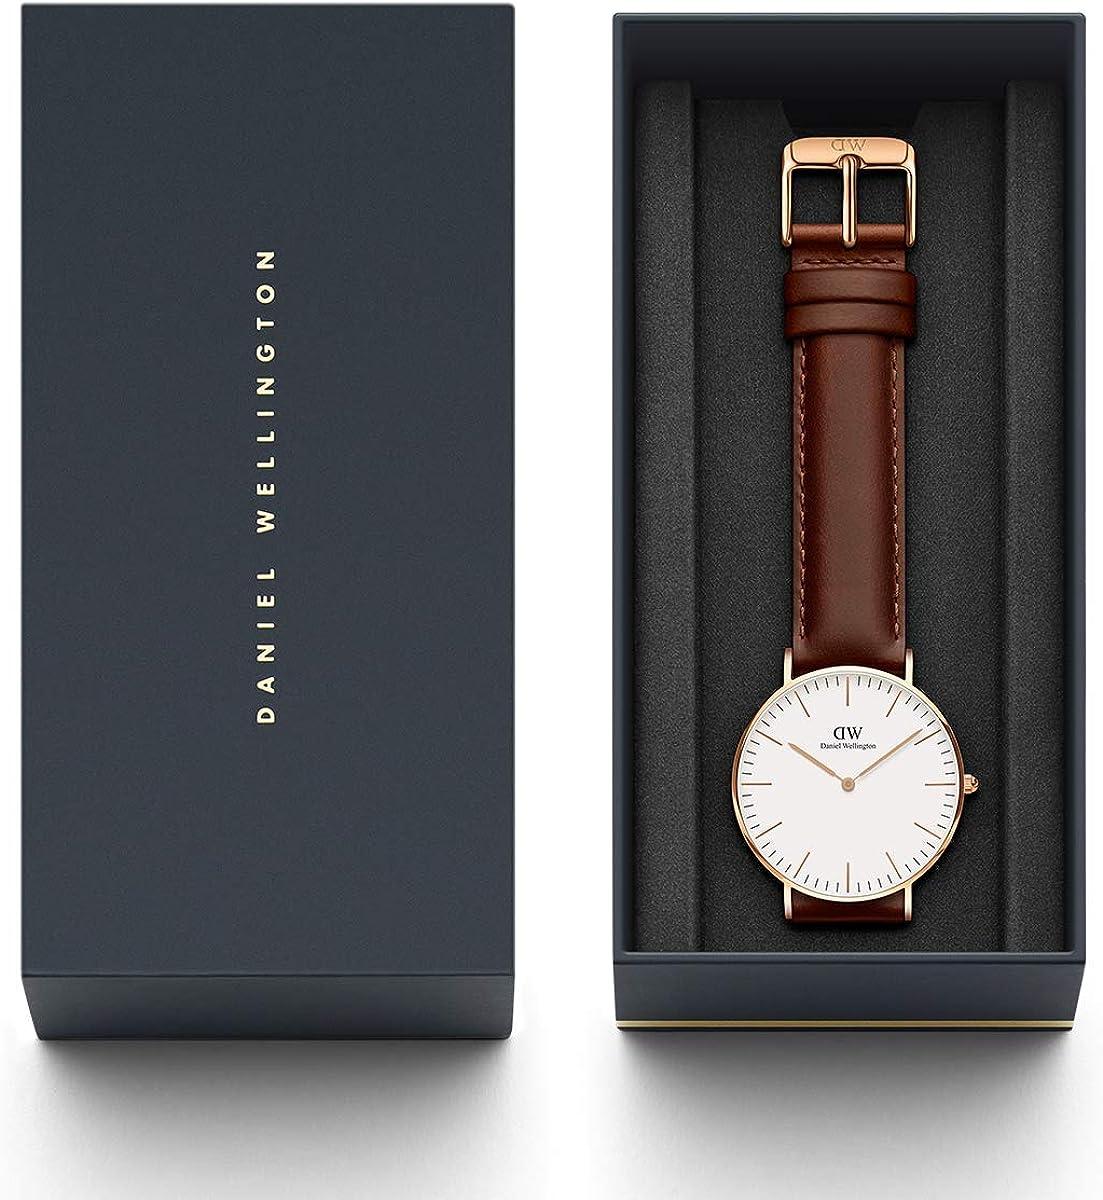 [ダニエルウェリントン] 腕時計 Classic ST Andrews 0507DW レディース 正規輸入品 ブラウン